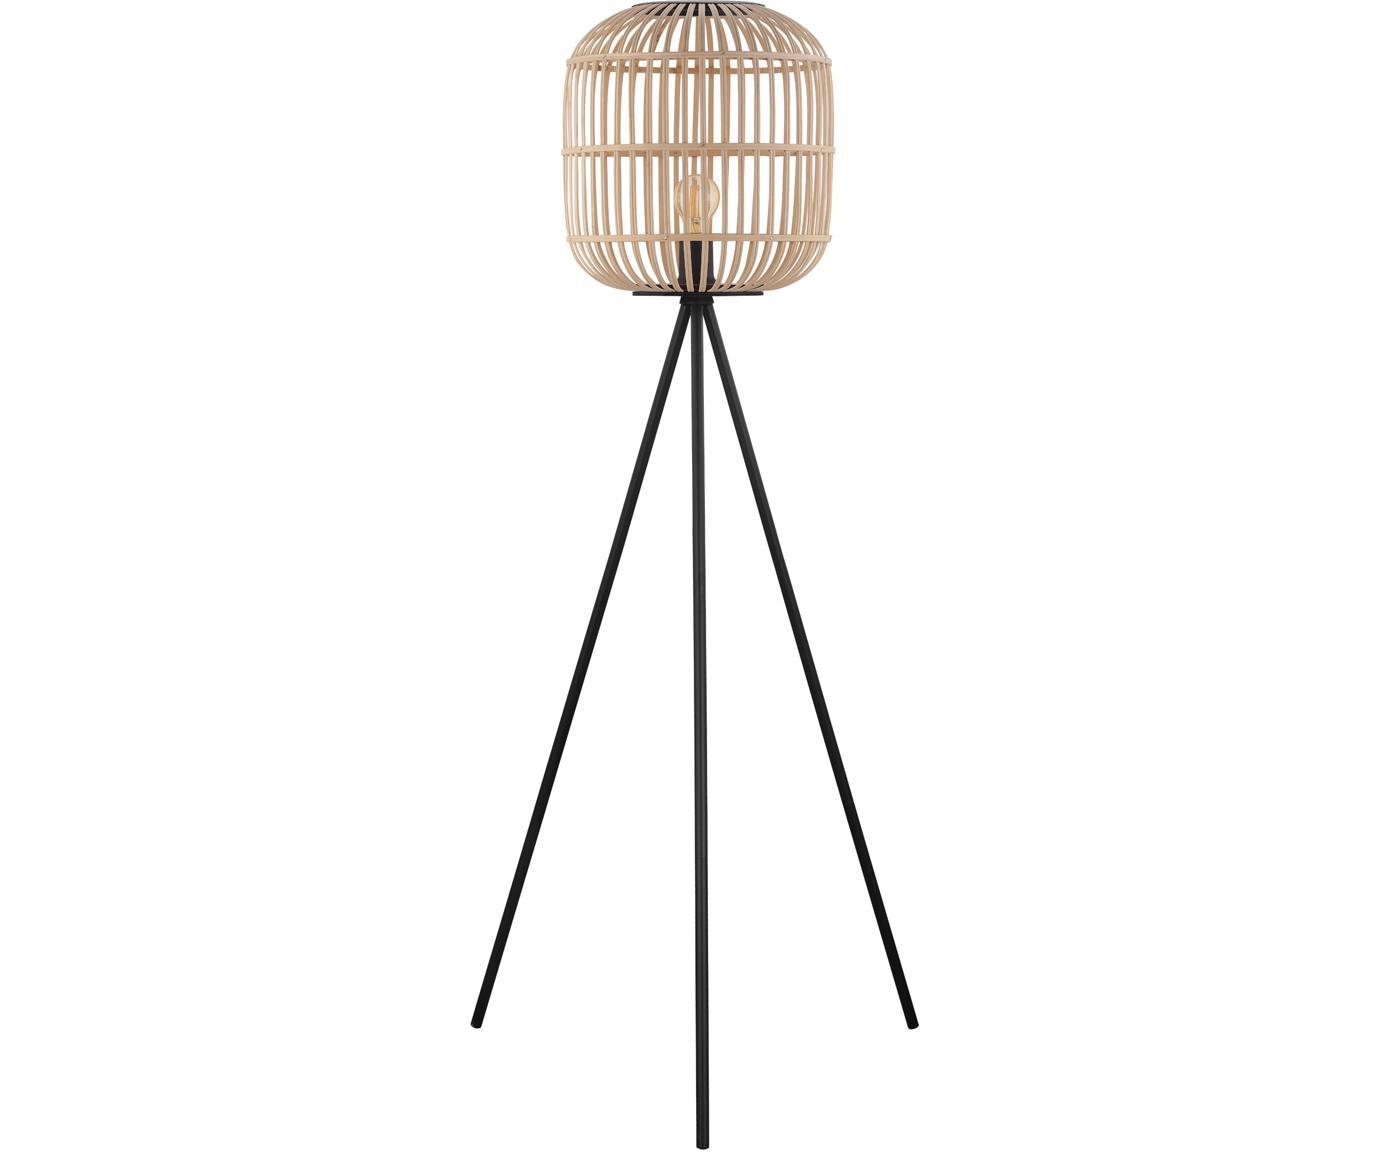 Lámpara de pie Bordesley, Acero, madera, Negro, bayo, Ø 35 cm